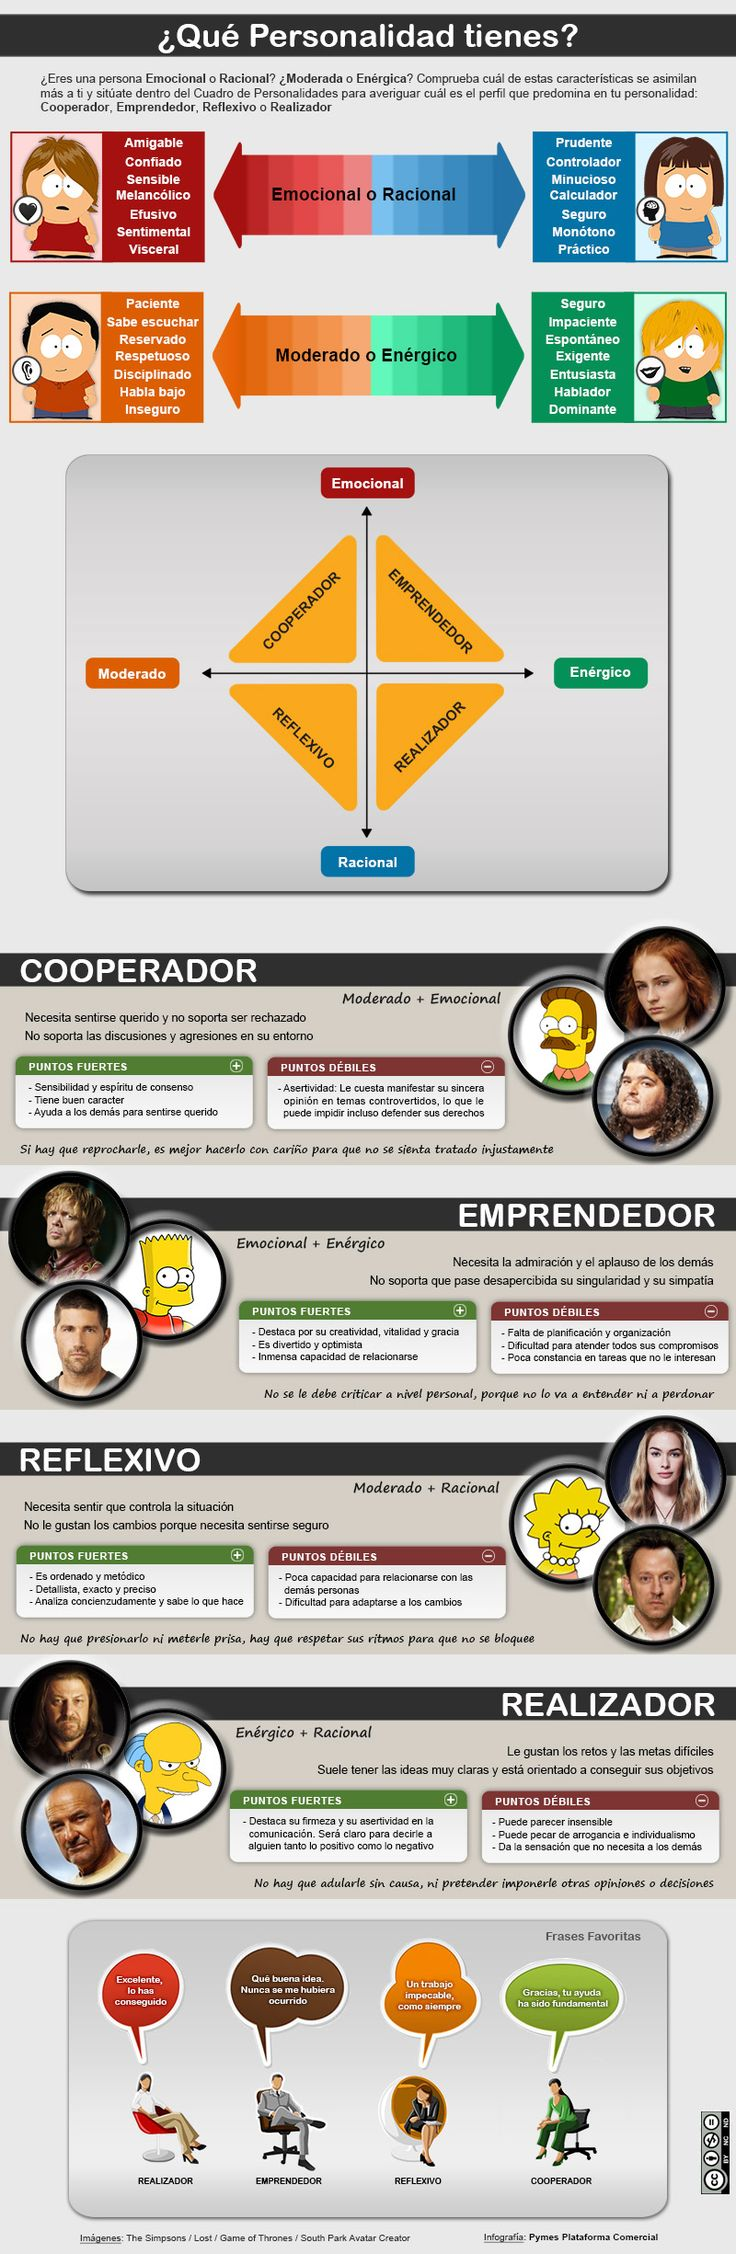 ¿Cual es tu tipo de personalidad? #infografia #infographic #psychology